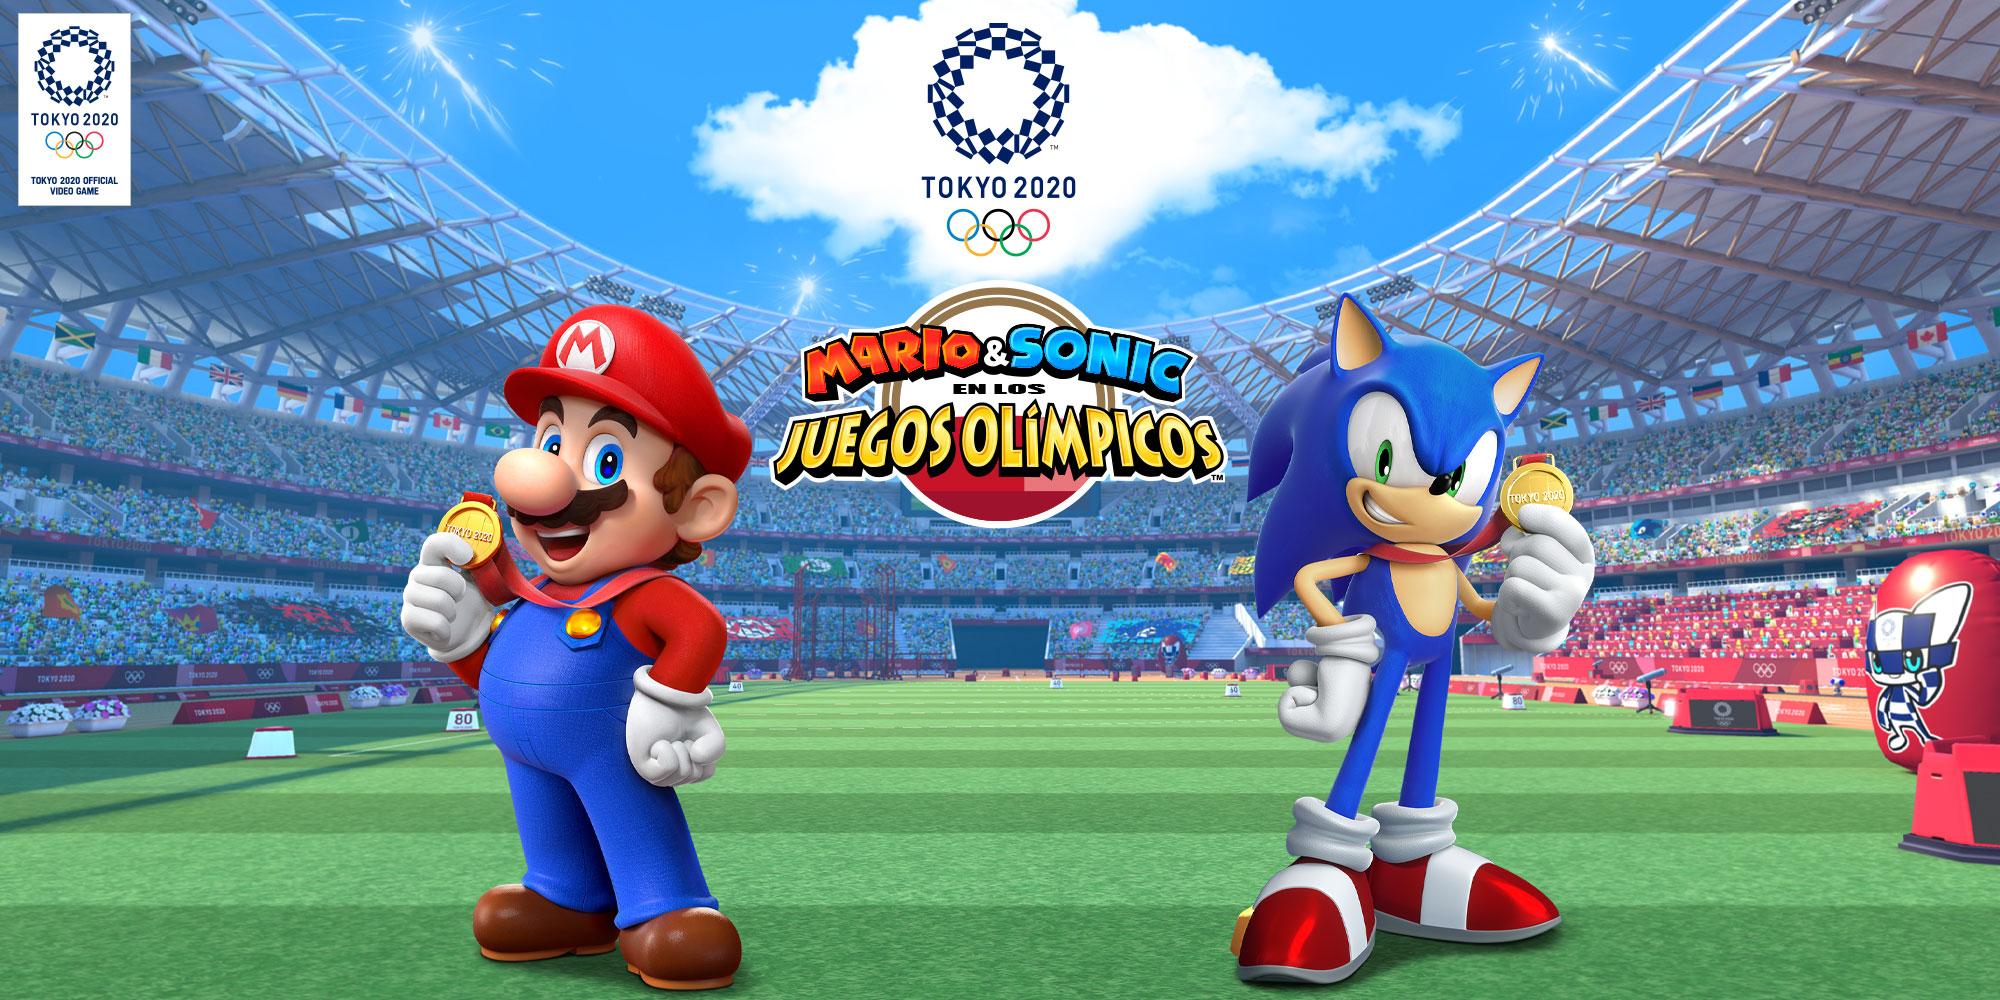 Mario Sonic En Los Juegos Olímpicos Tokio 2020 Nintendo Switch Juegos Nintendo